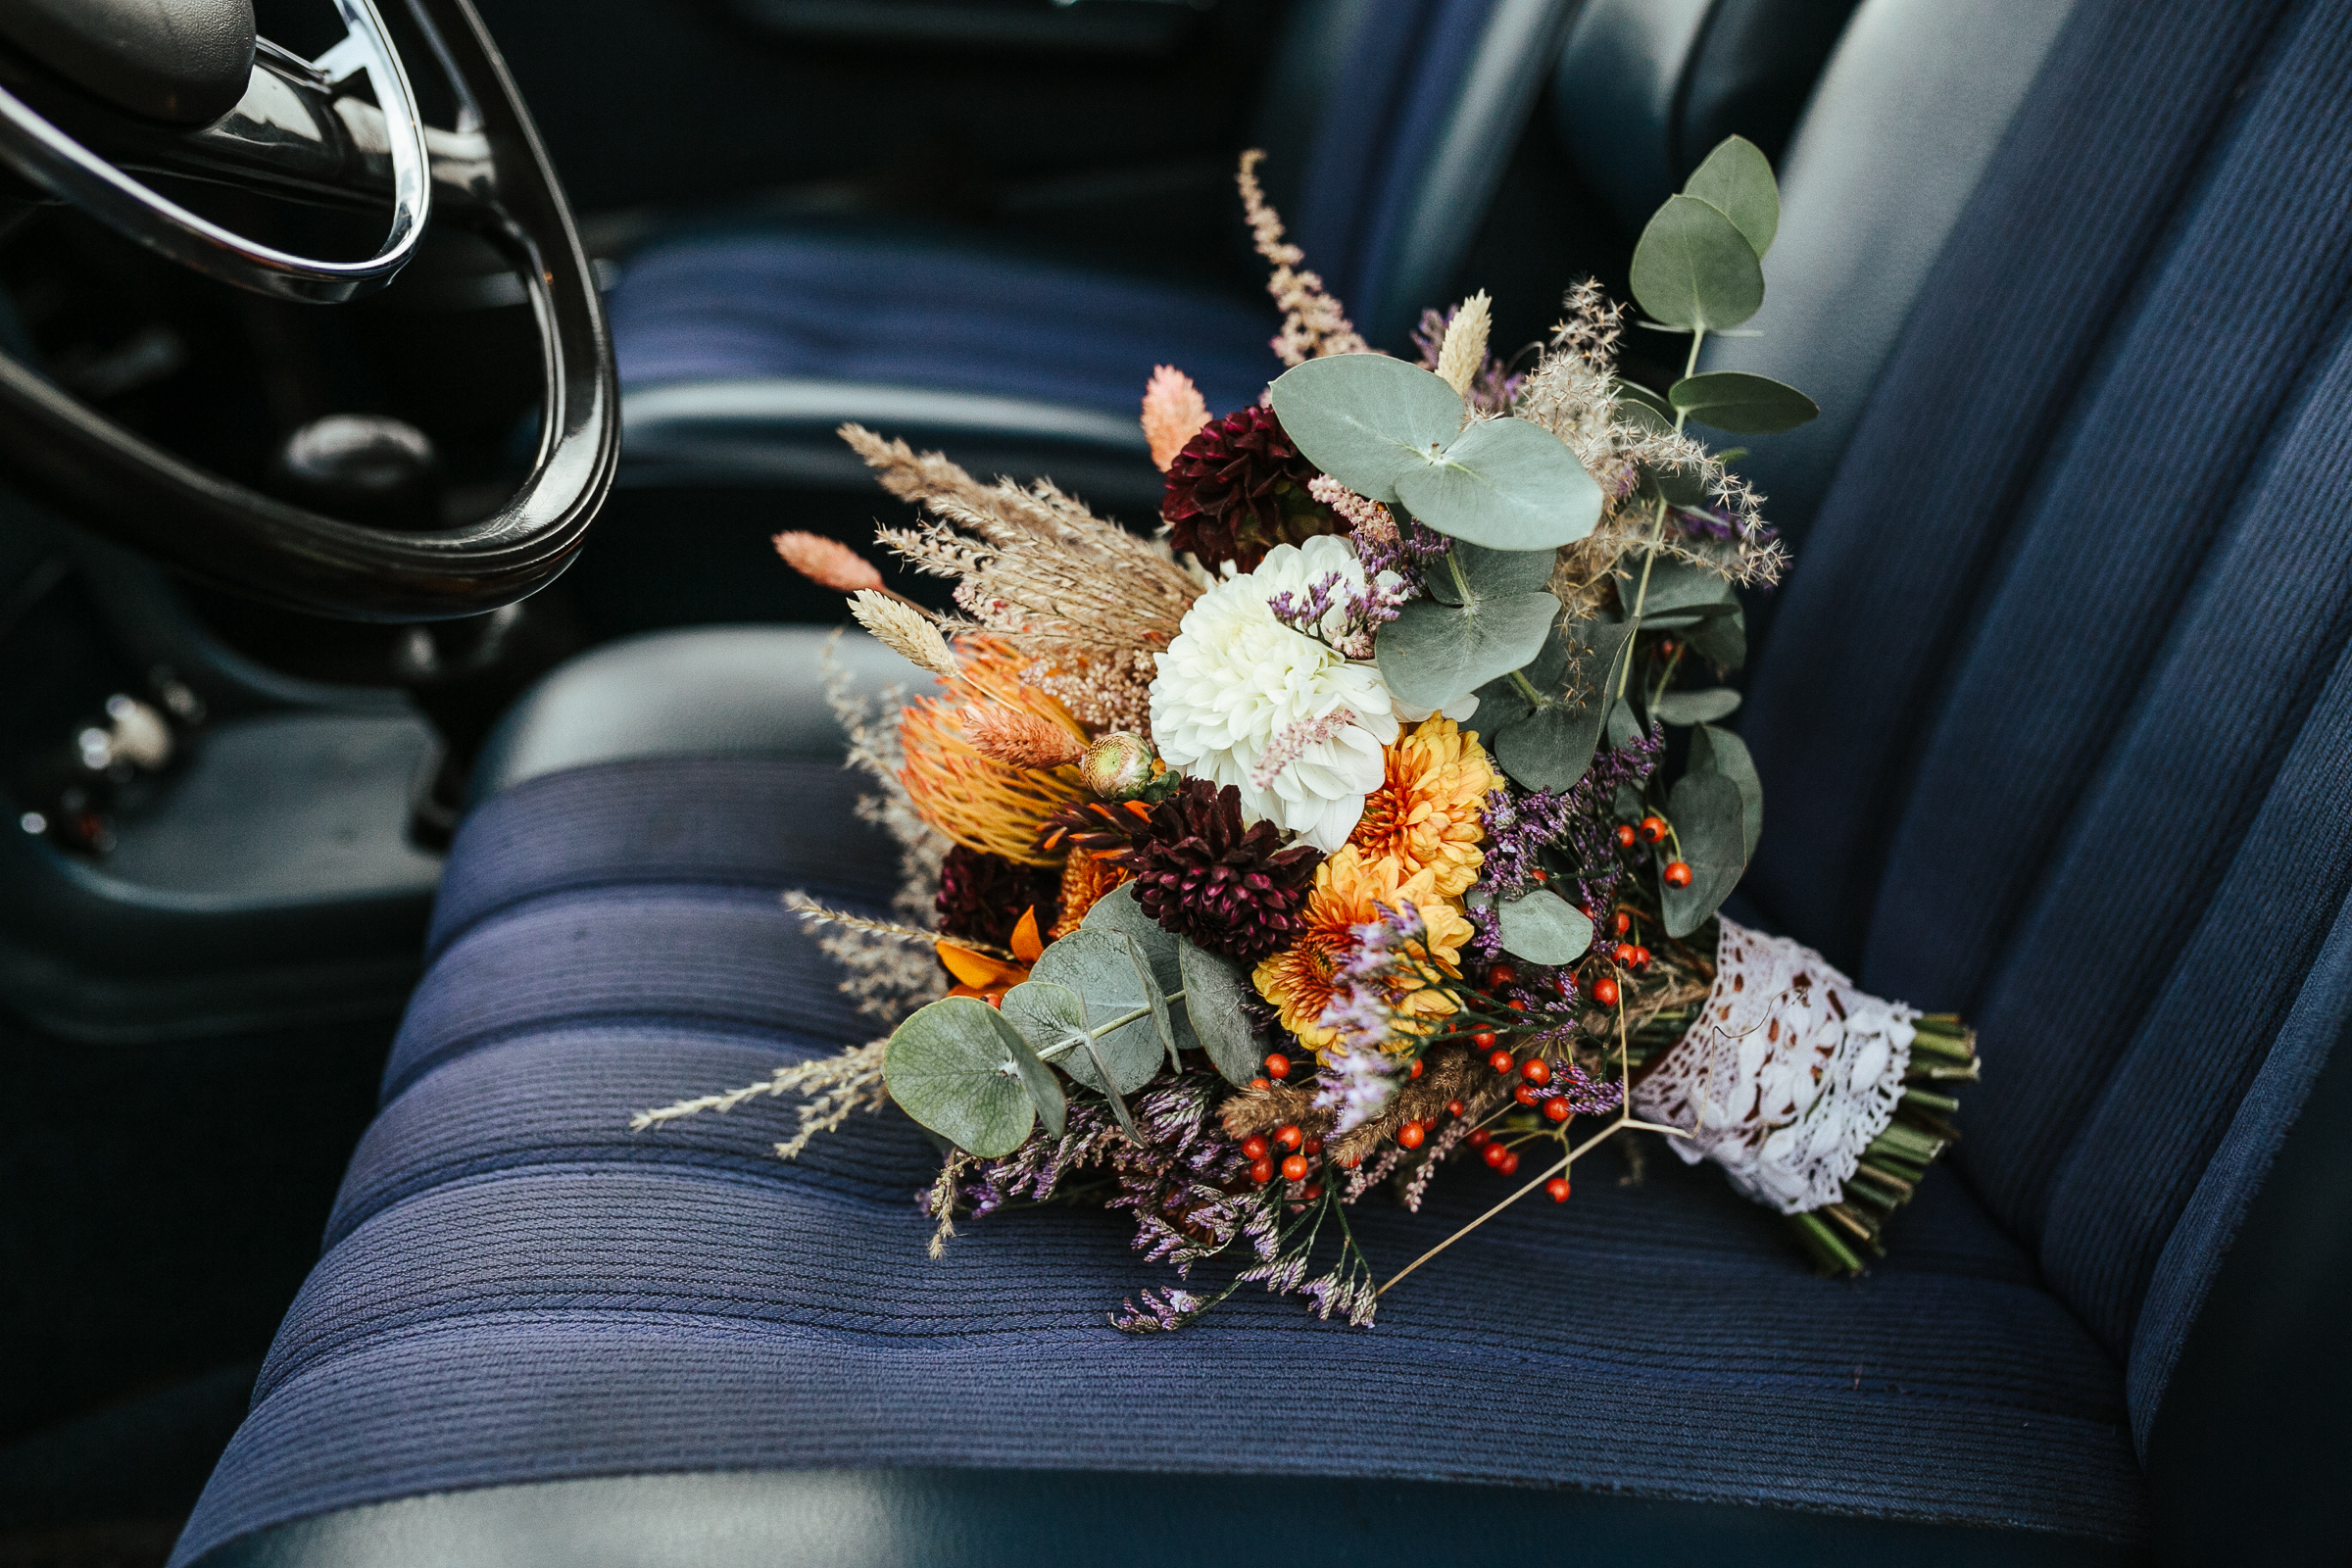 Blumenschmuck von Kopflegenden: Brautstrauß auf dem Autositz